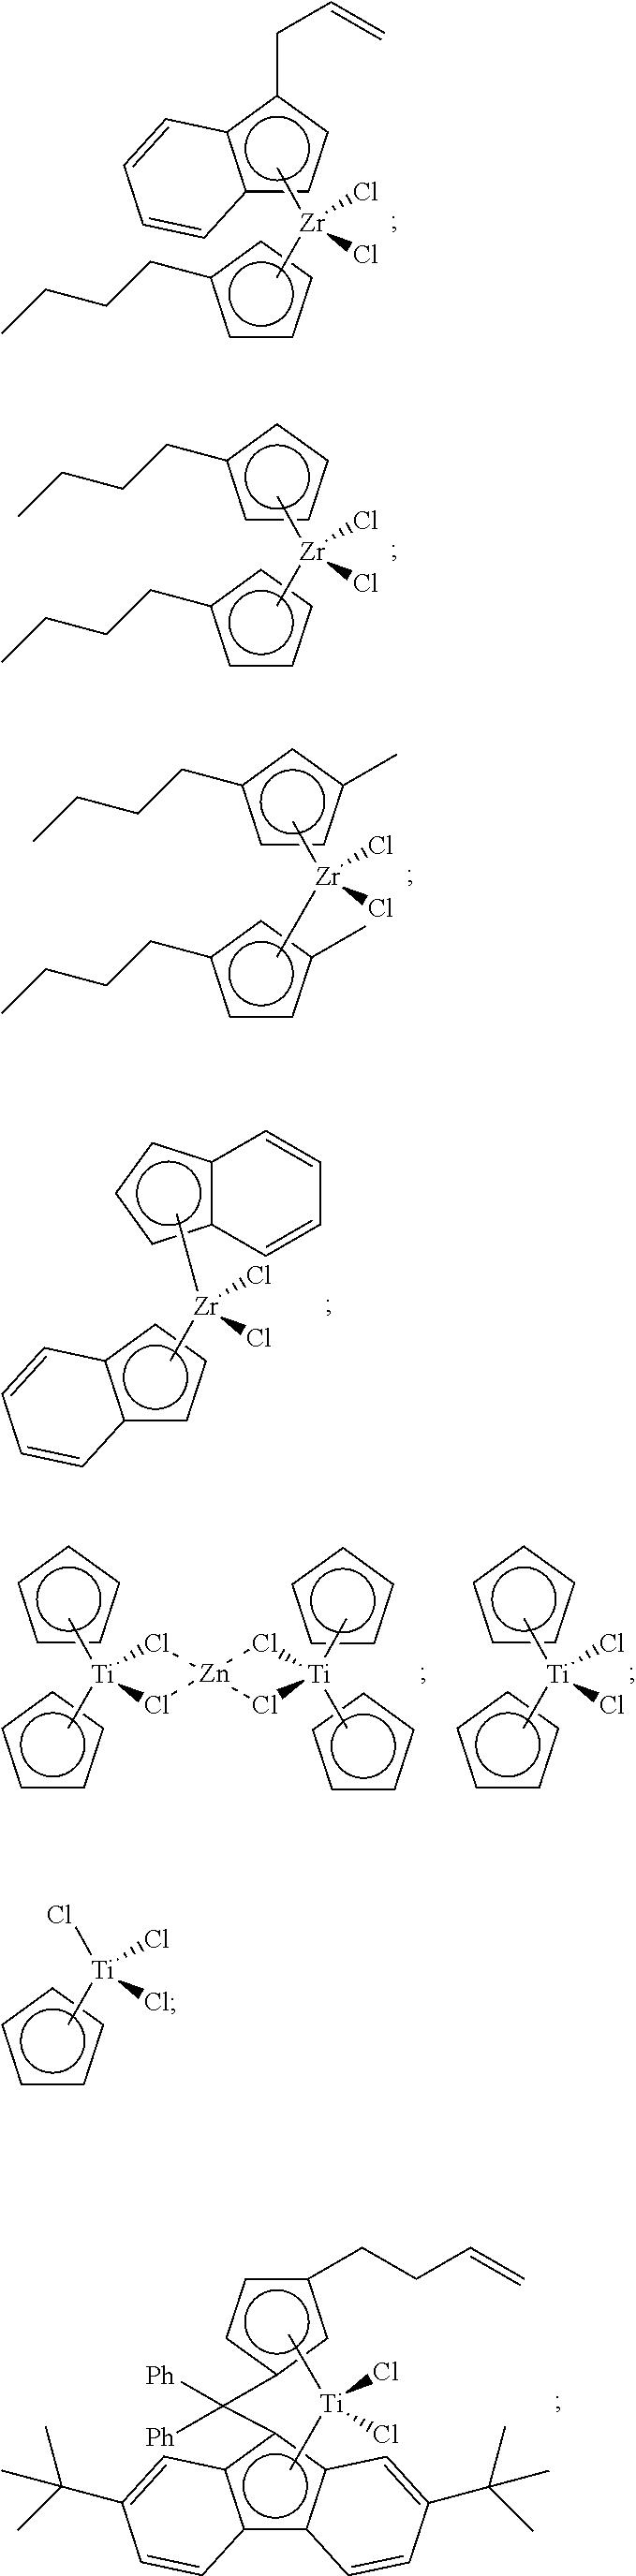 Figure US08329834-20121211-C00040